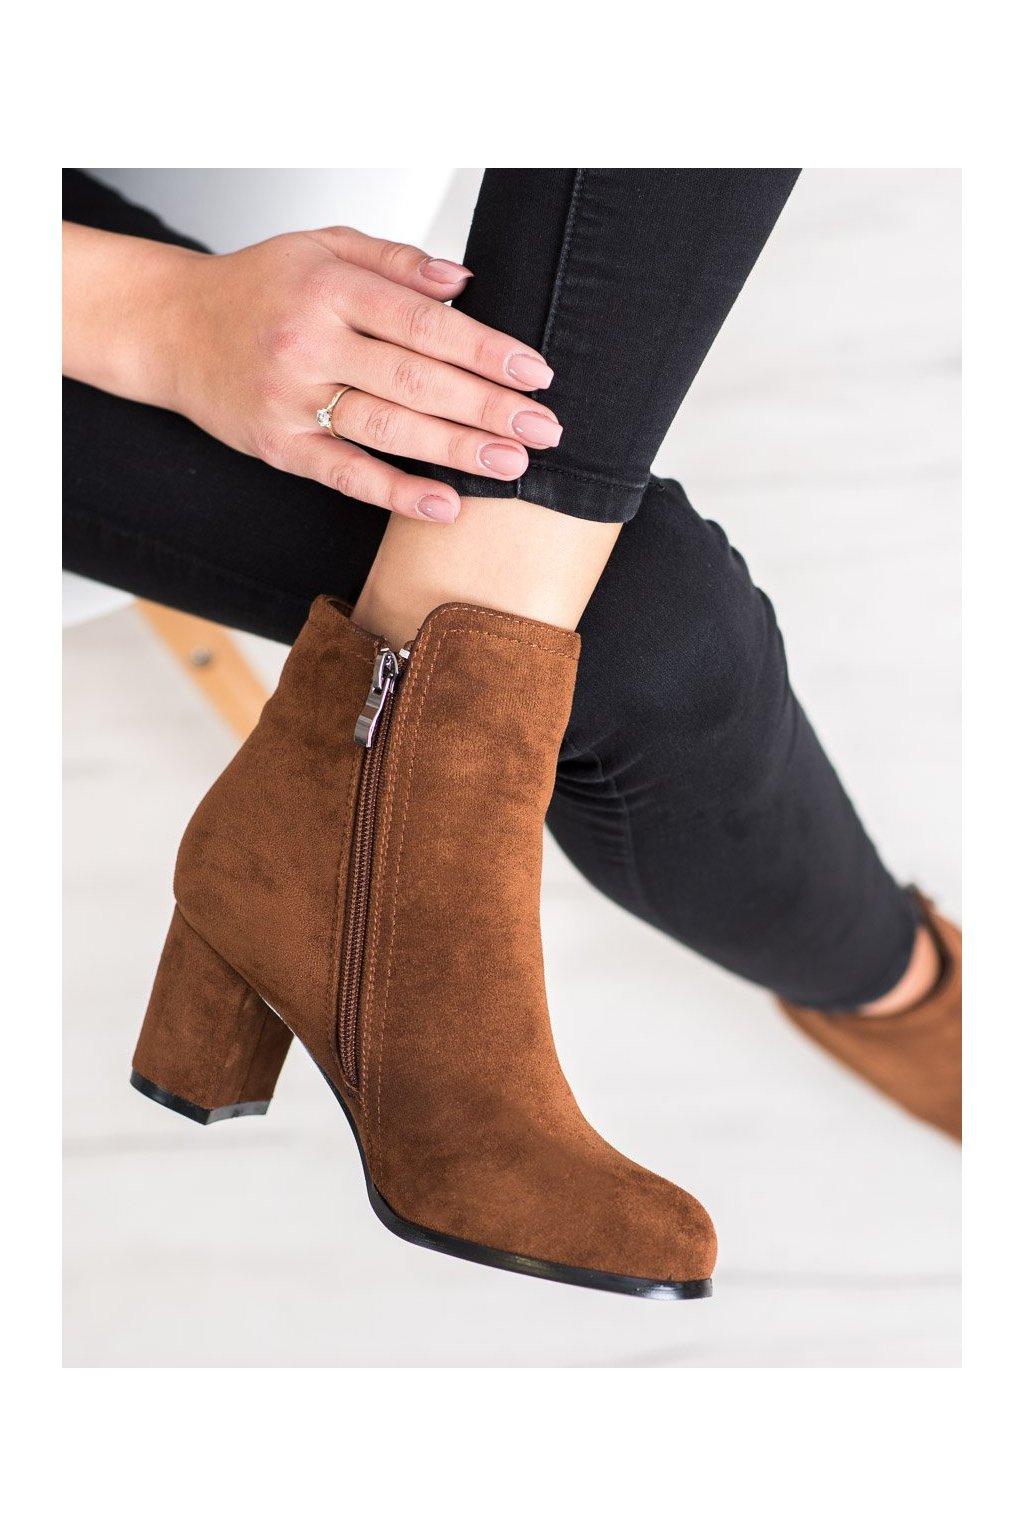 Hnedé dámske topánky Wilady kod SO-25C